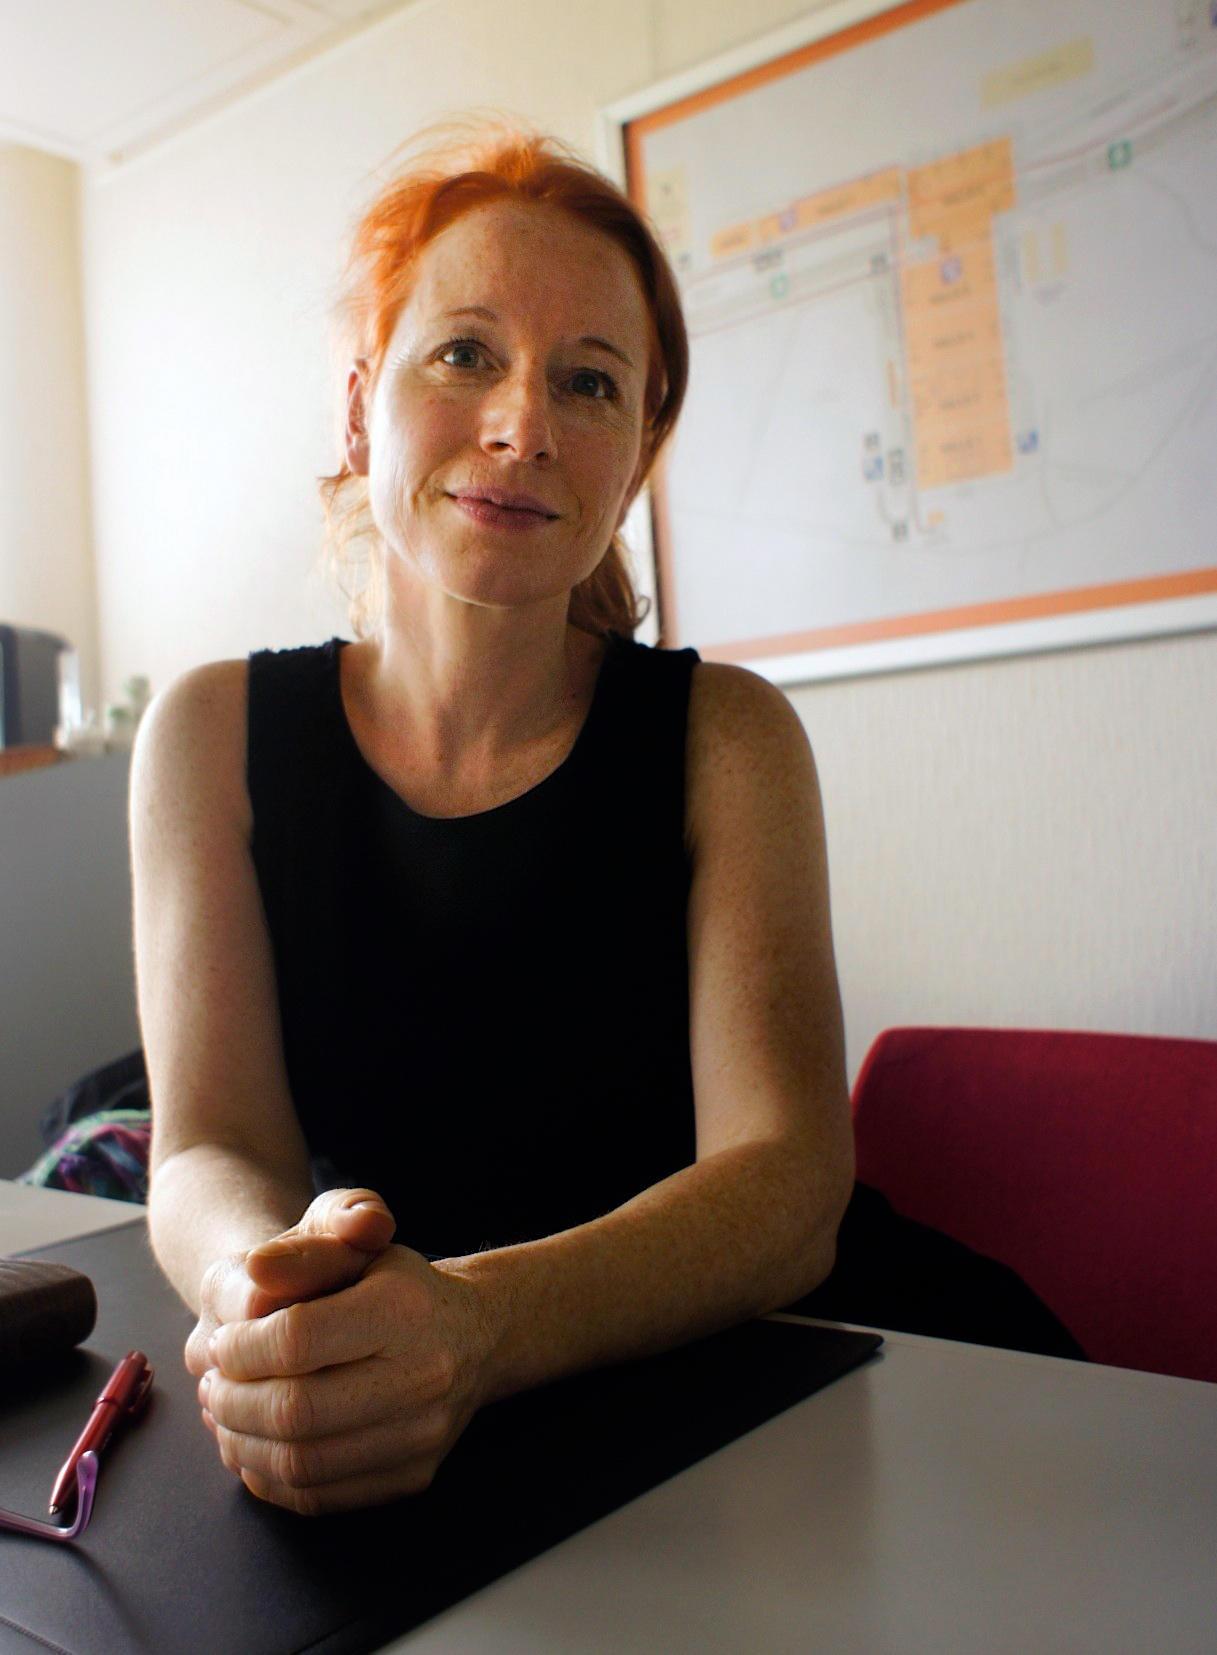 Isabelle Falconnier dirige il Salone del libro di Ginevra dal 2012